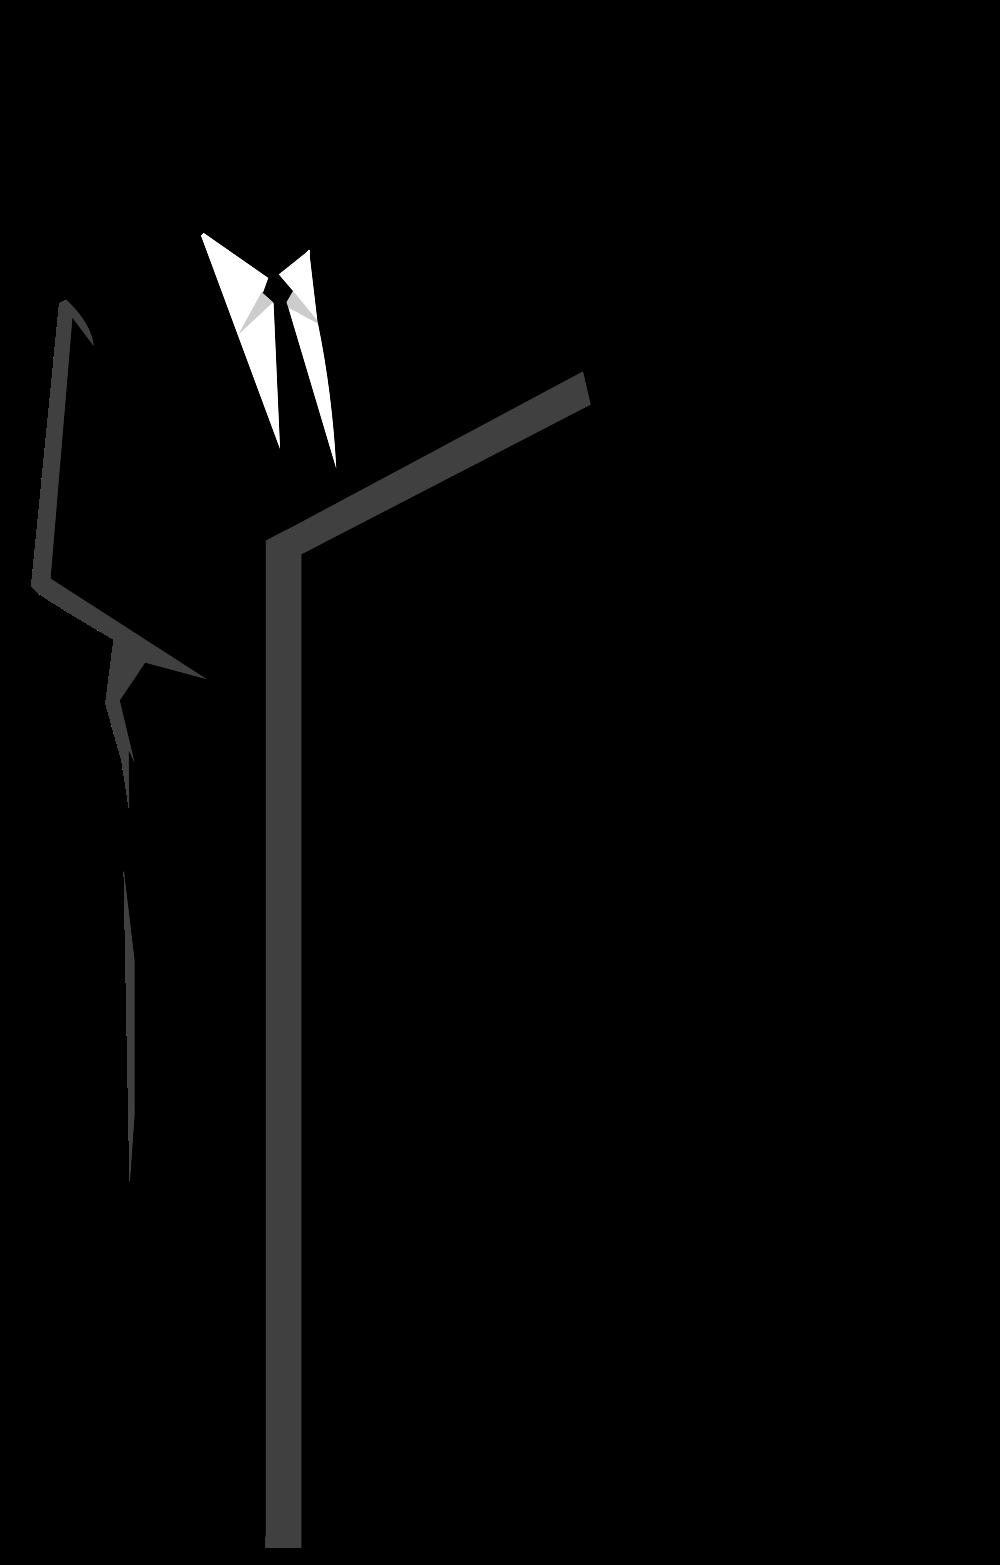 File businessman silhouette svg. Podium clipart speaker podium